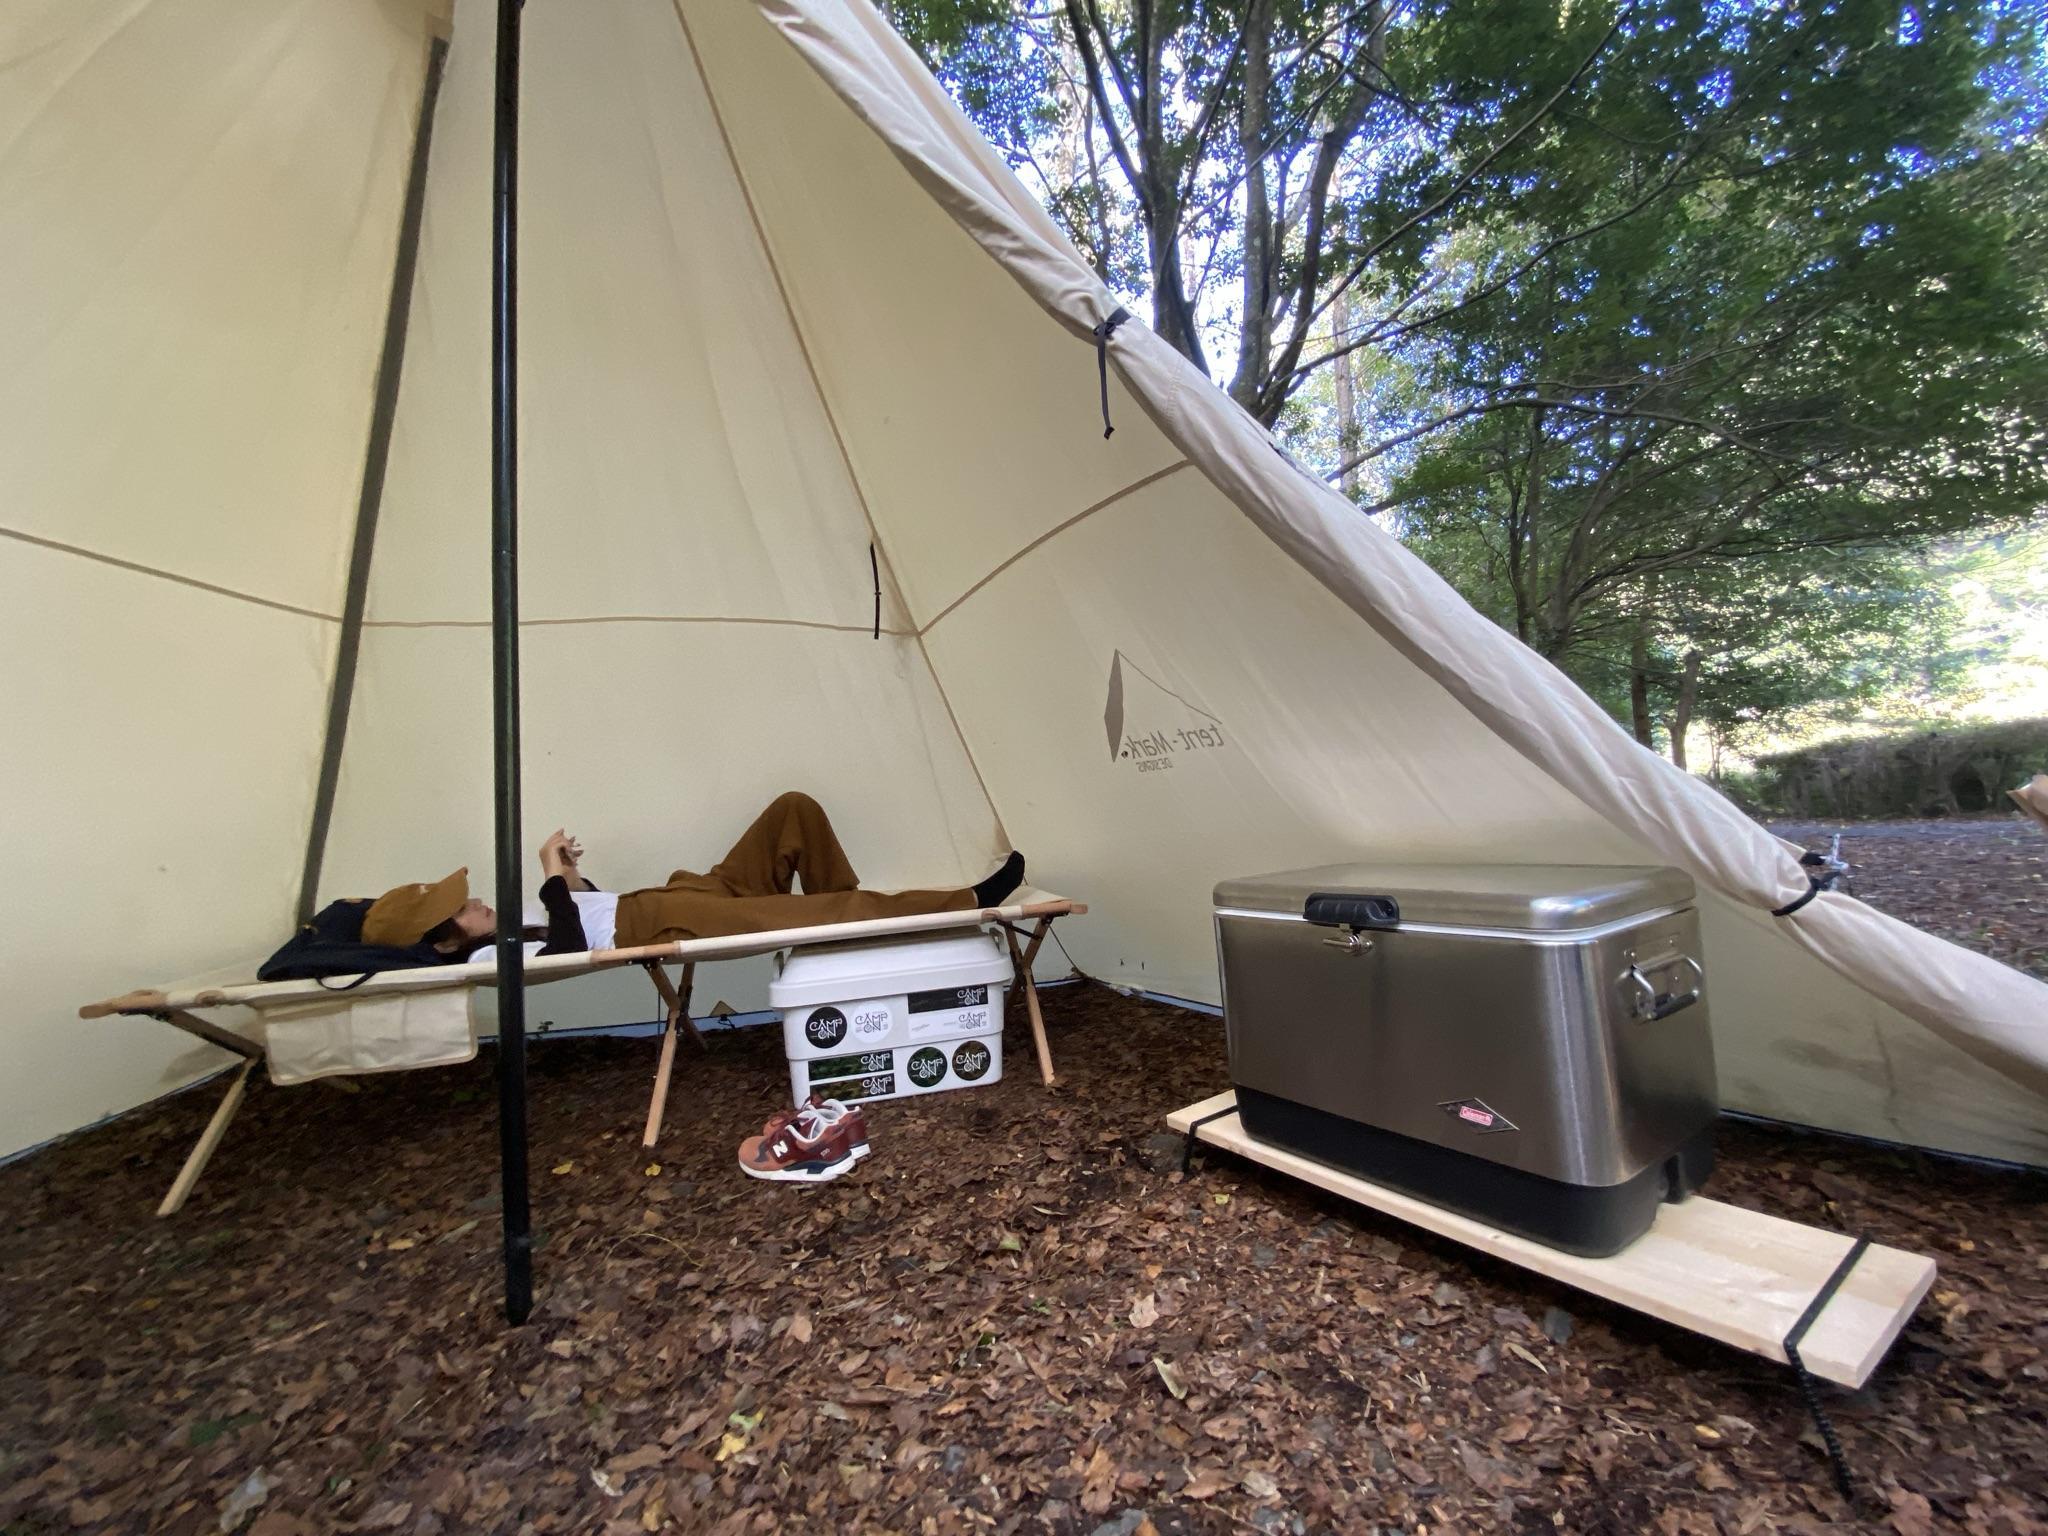 汚れてきたテントのメンテナンス方法は?洗濯?専用クリーニング?